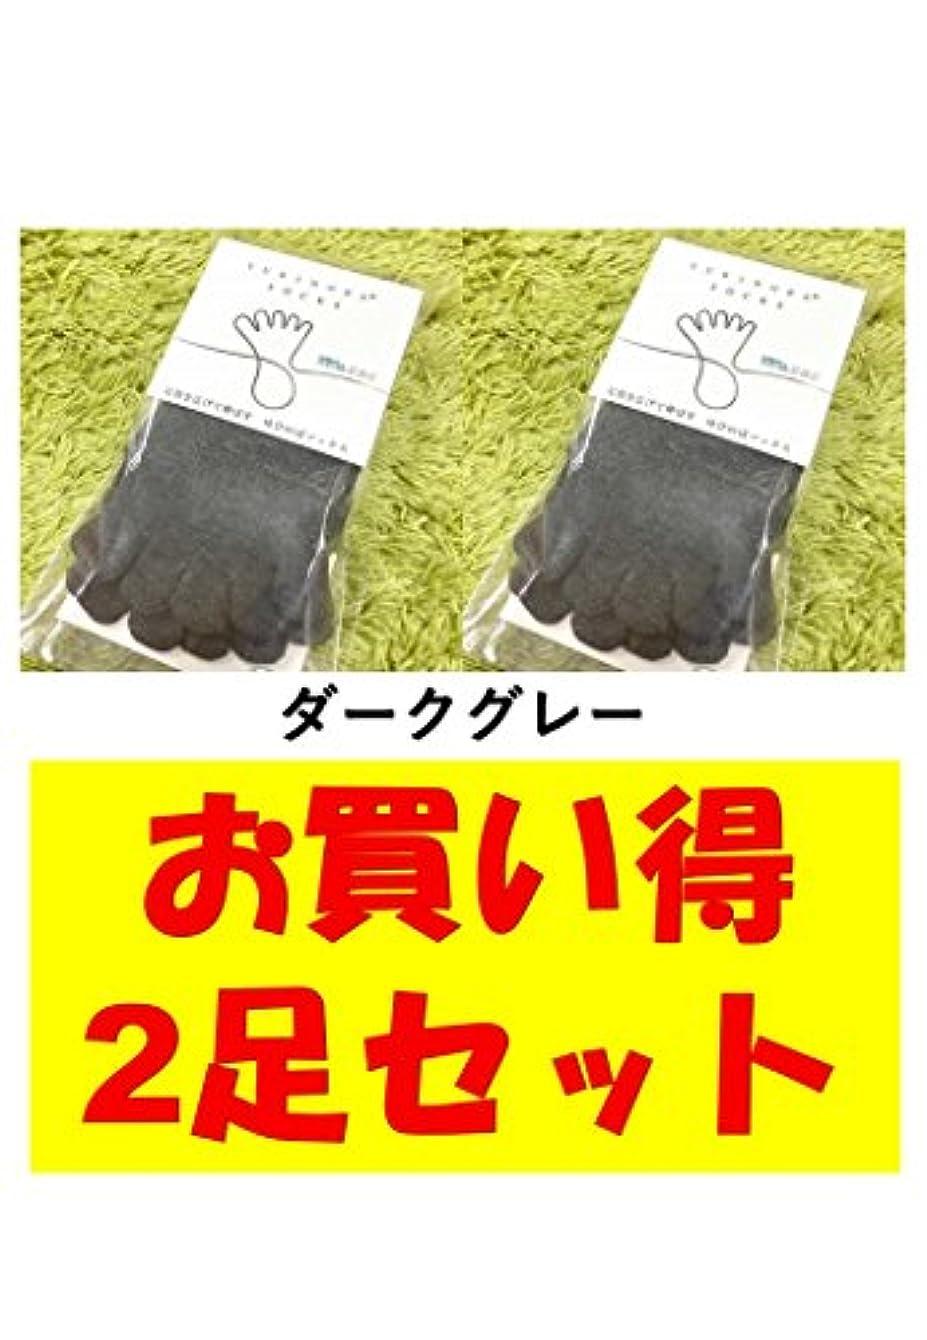 そこ起業家新しさお買い得2足セット 5本指 ゆびのばソックス ゆびのばレギュラー ダークグレー 女性用 22.0cm-25.5cm HSREGR-DGL